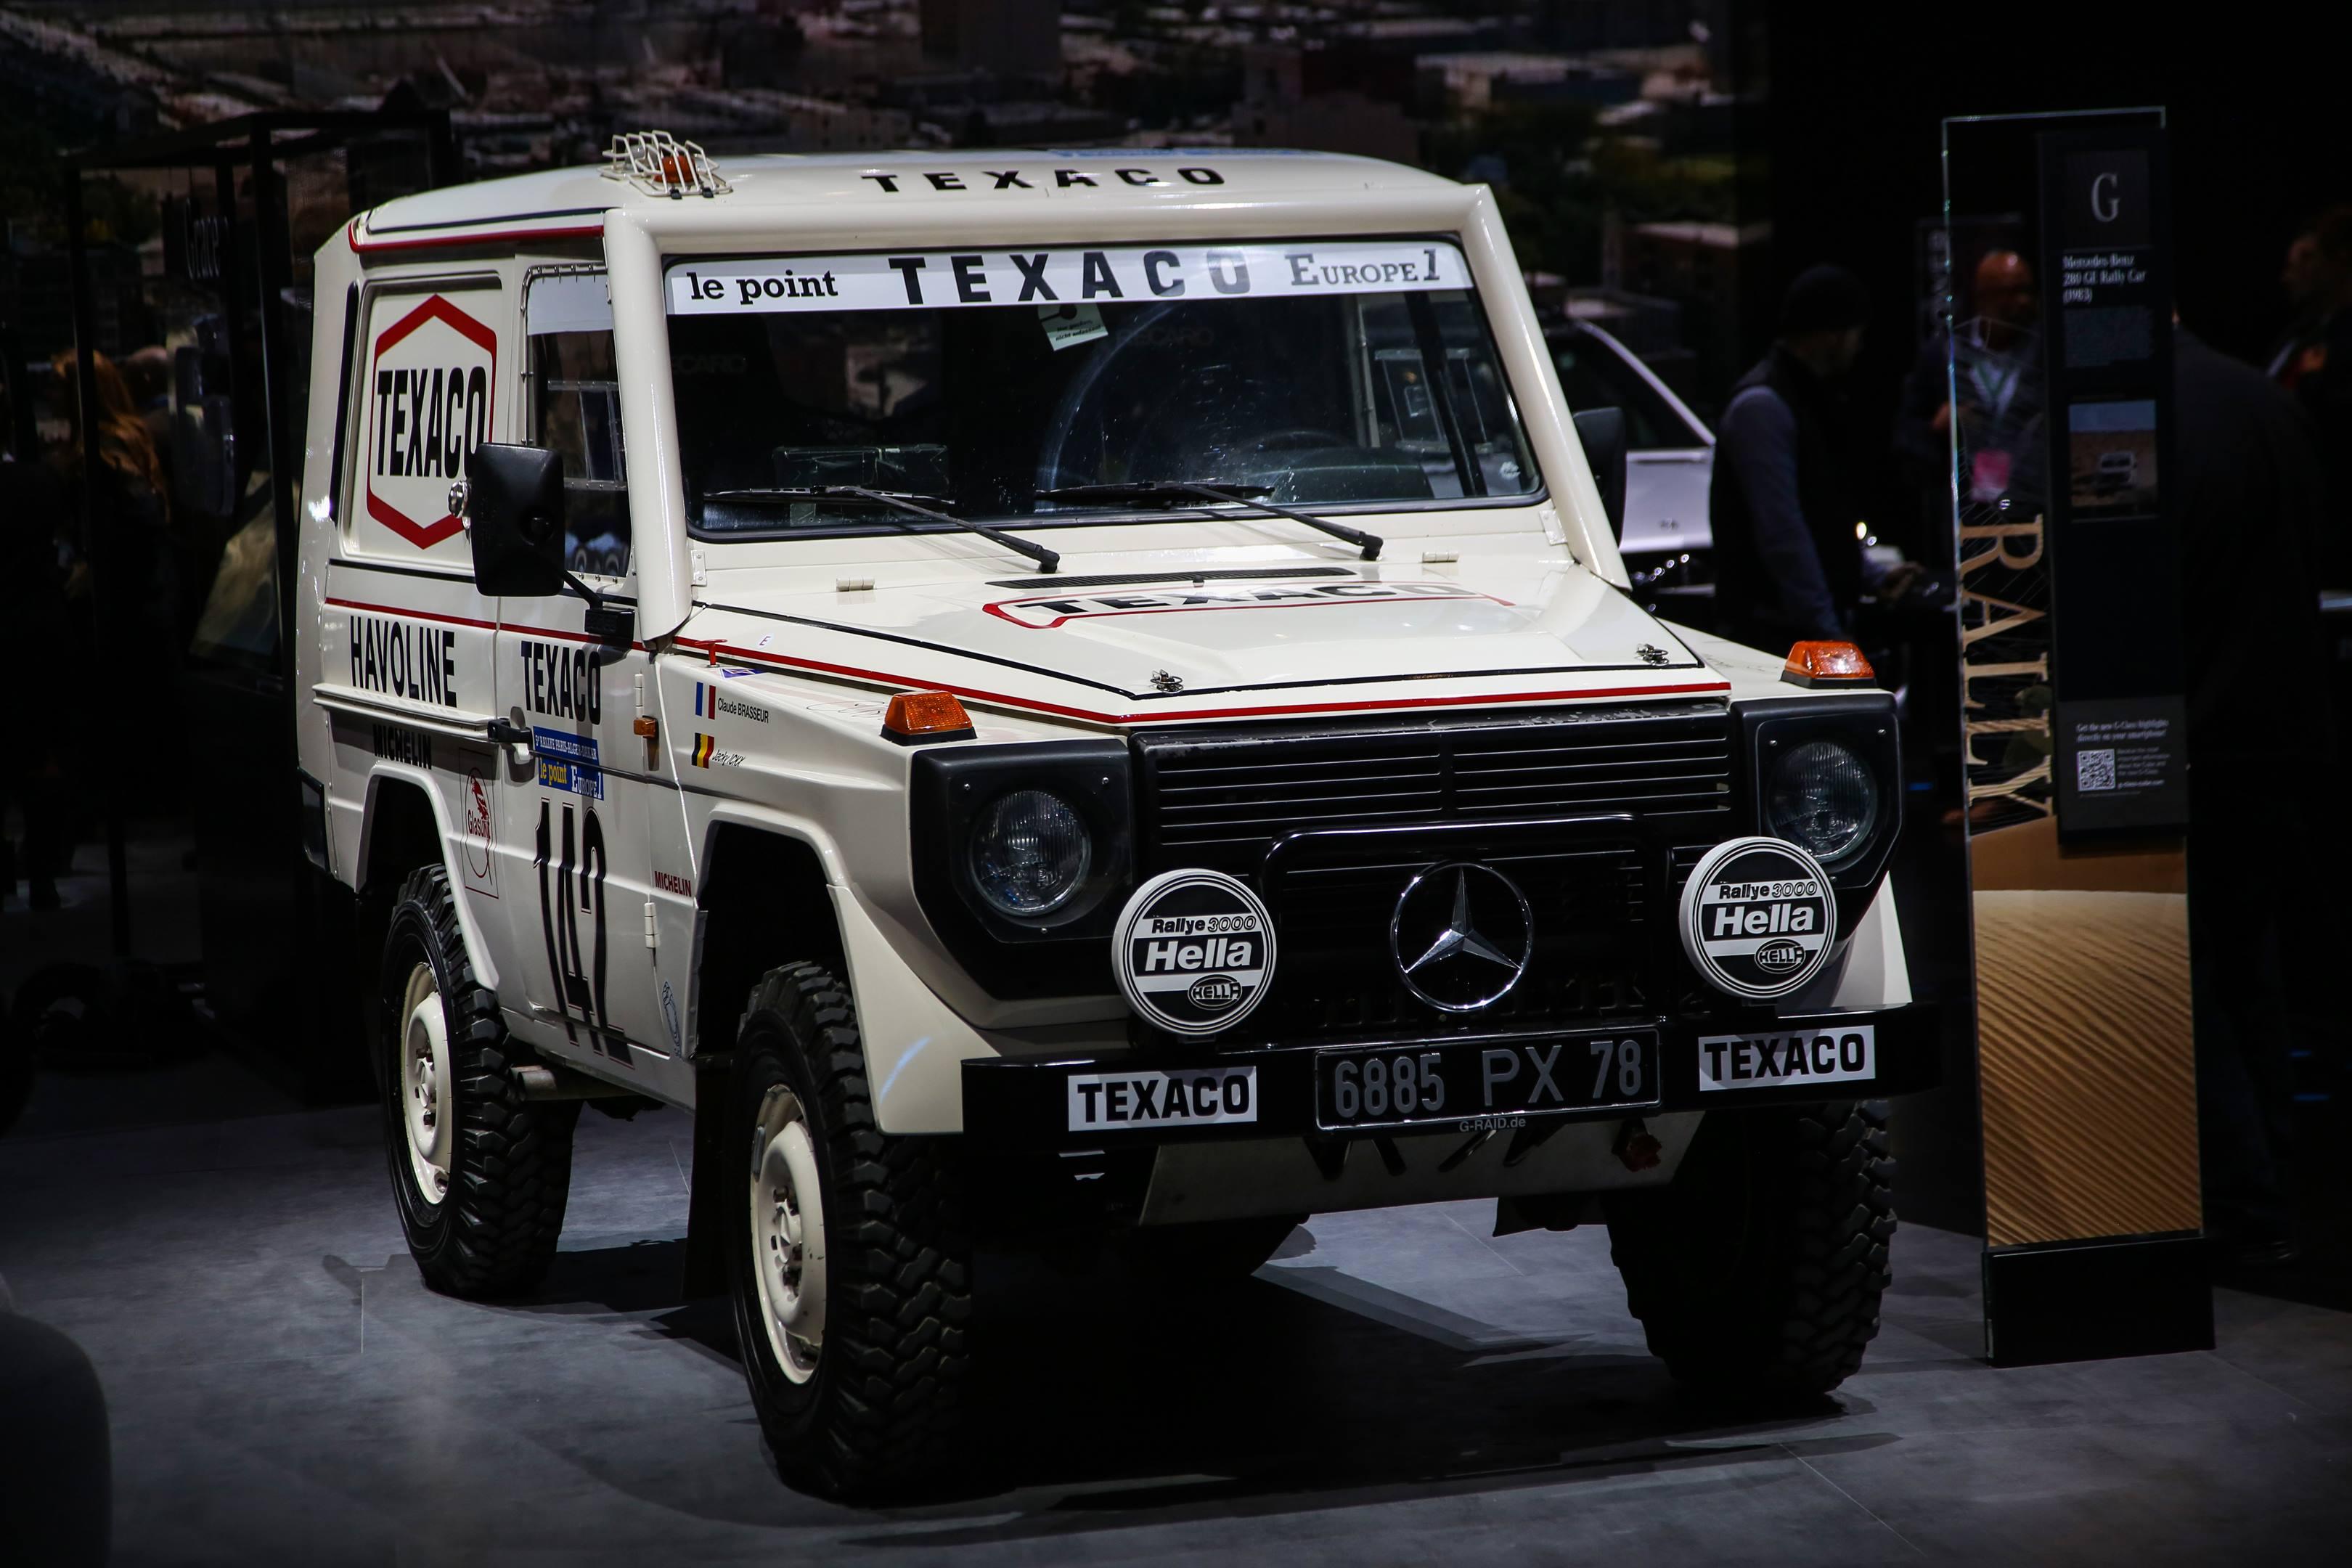 1983 Mercedes-Benz 280 GE Paris Dakar Rally